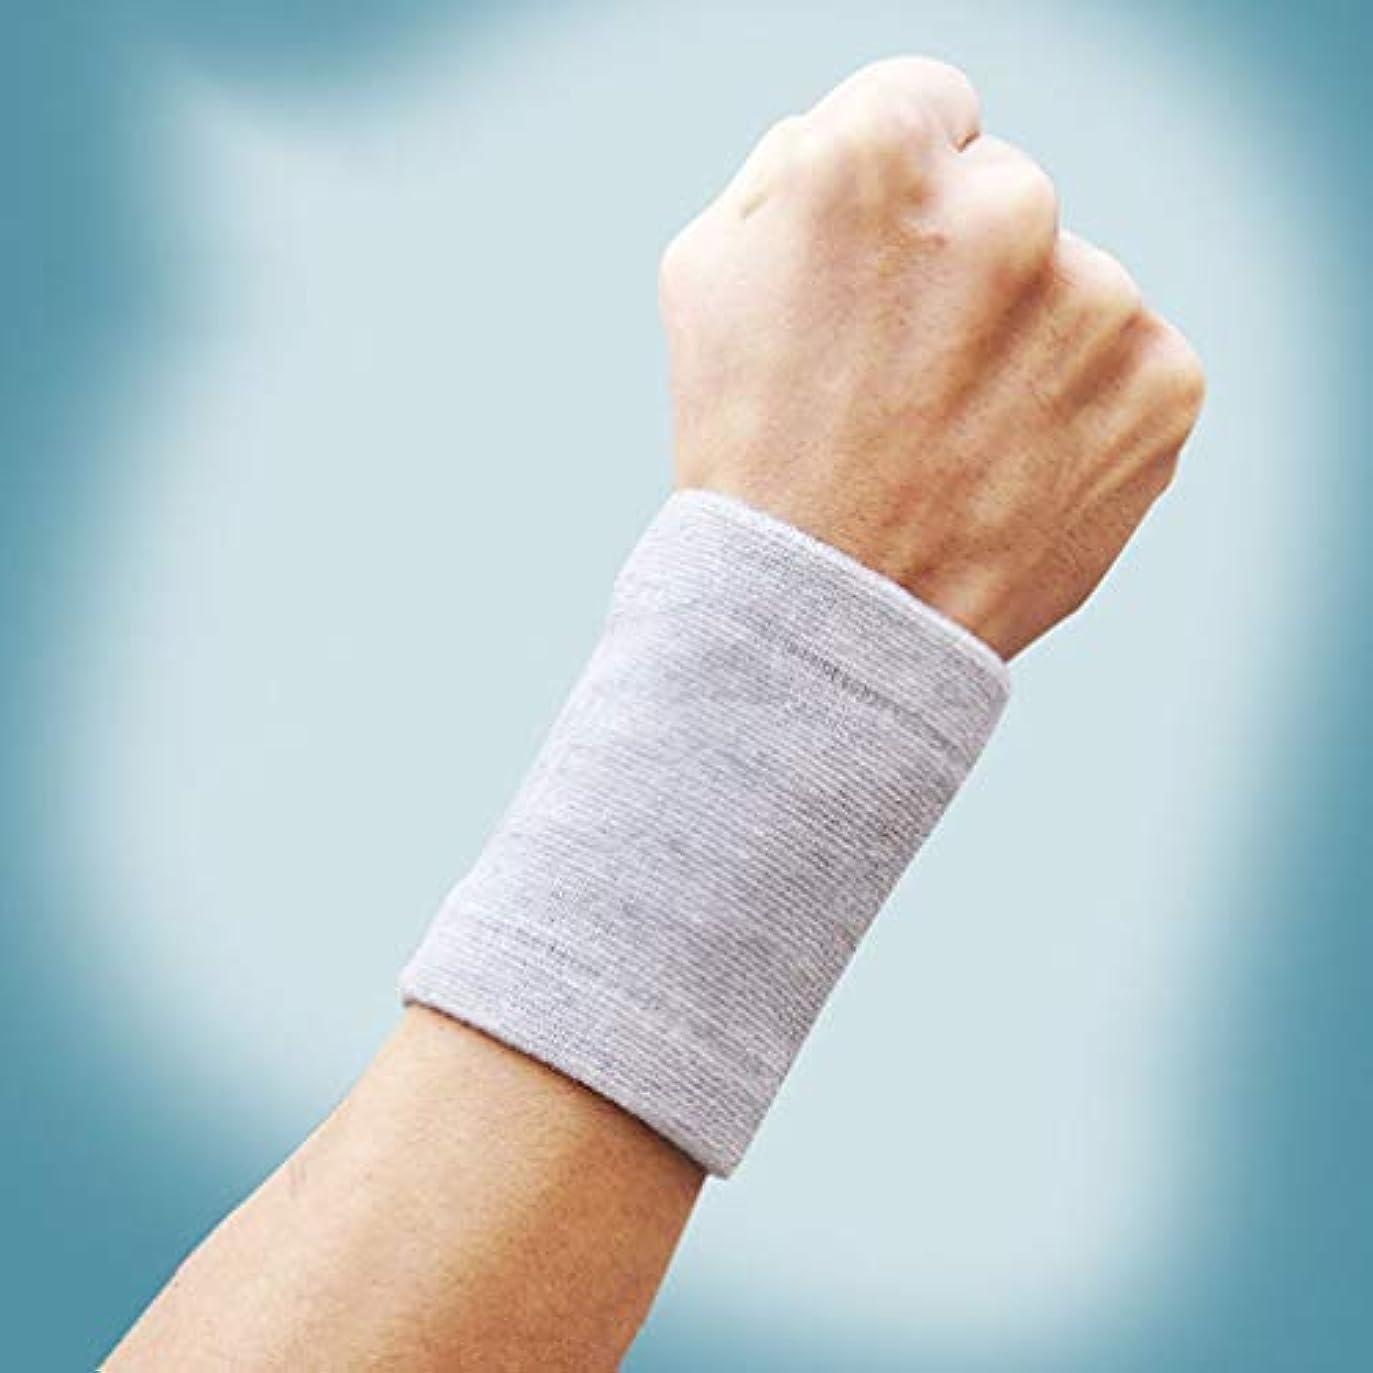 息を切らして海峡降臨2個の耐摩耗性のある作業製造保護スポーツ手首スリーブ手袋-innovationo